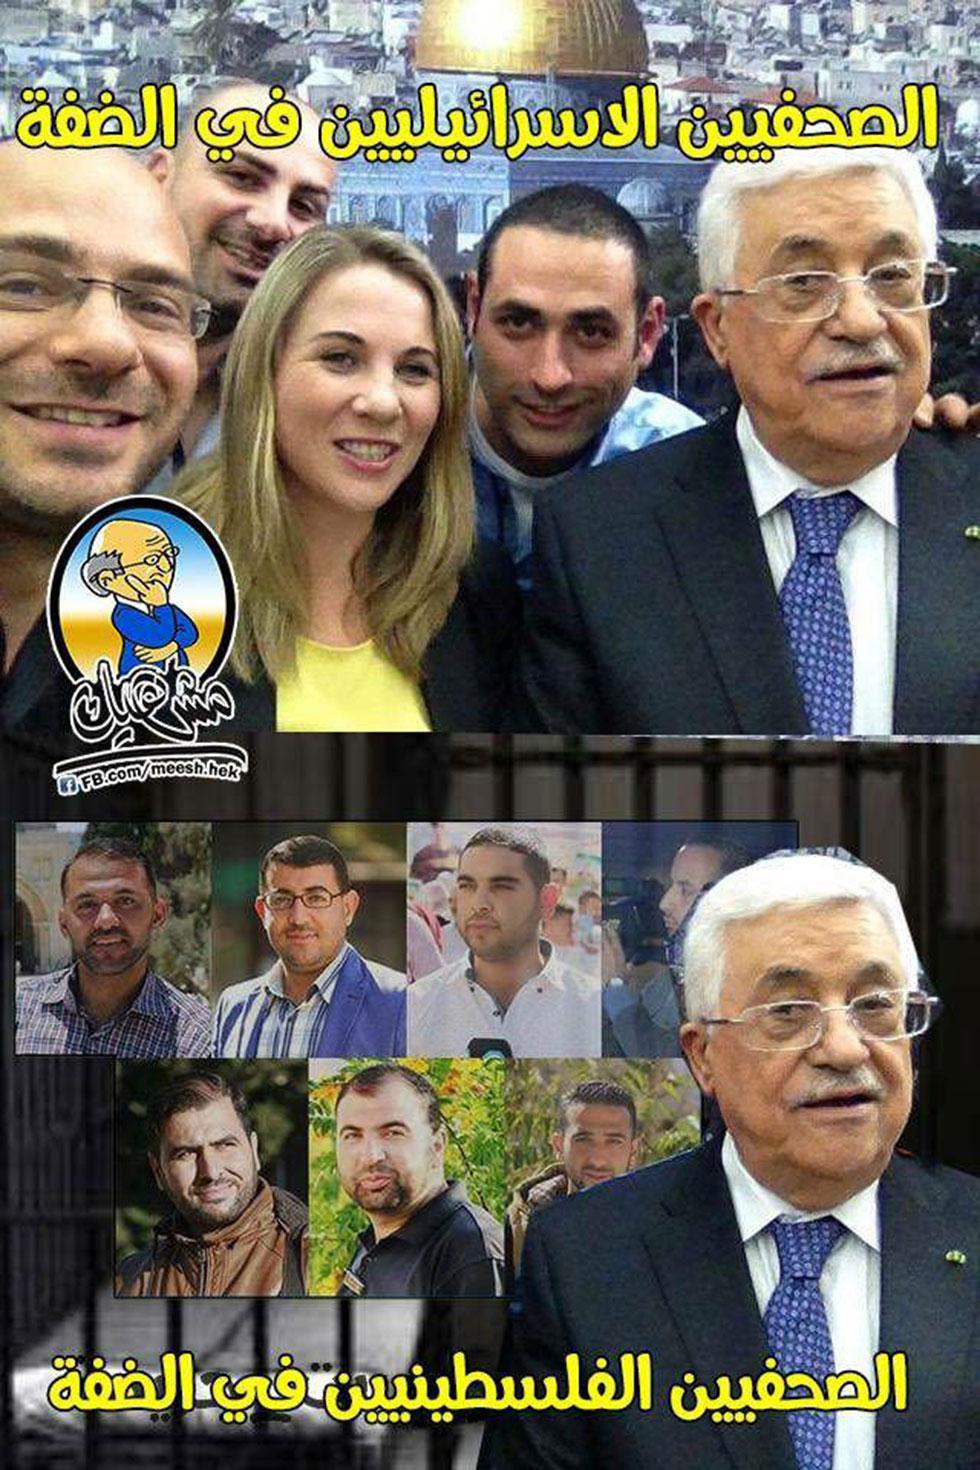 יש טענה שעיתונאים ישראלים (למעלה) זוכים להגנה, ומתעמרים בעמיתיהם מהרשות